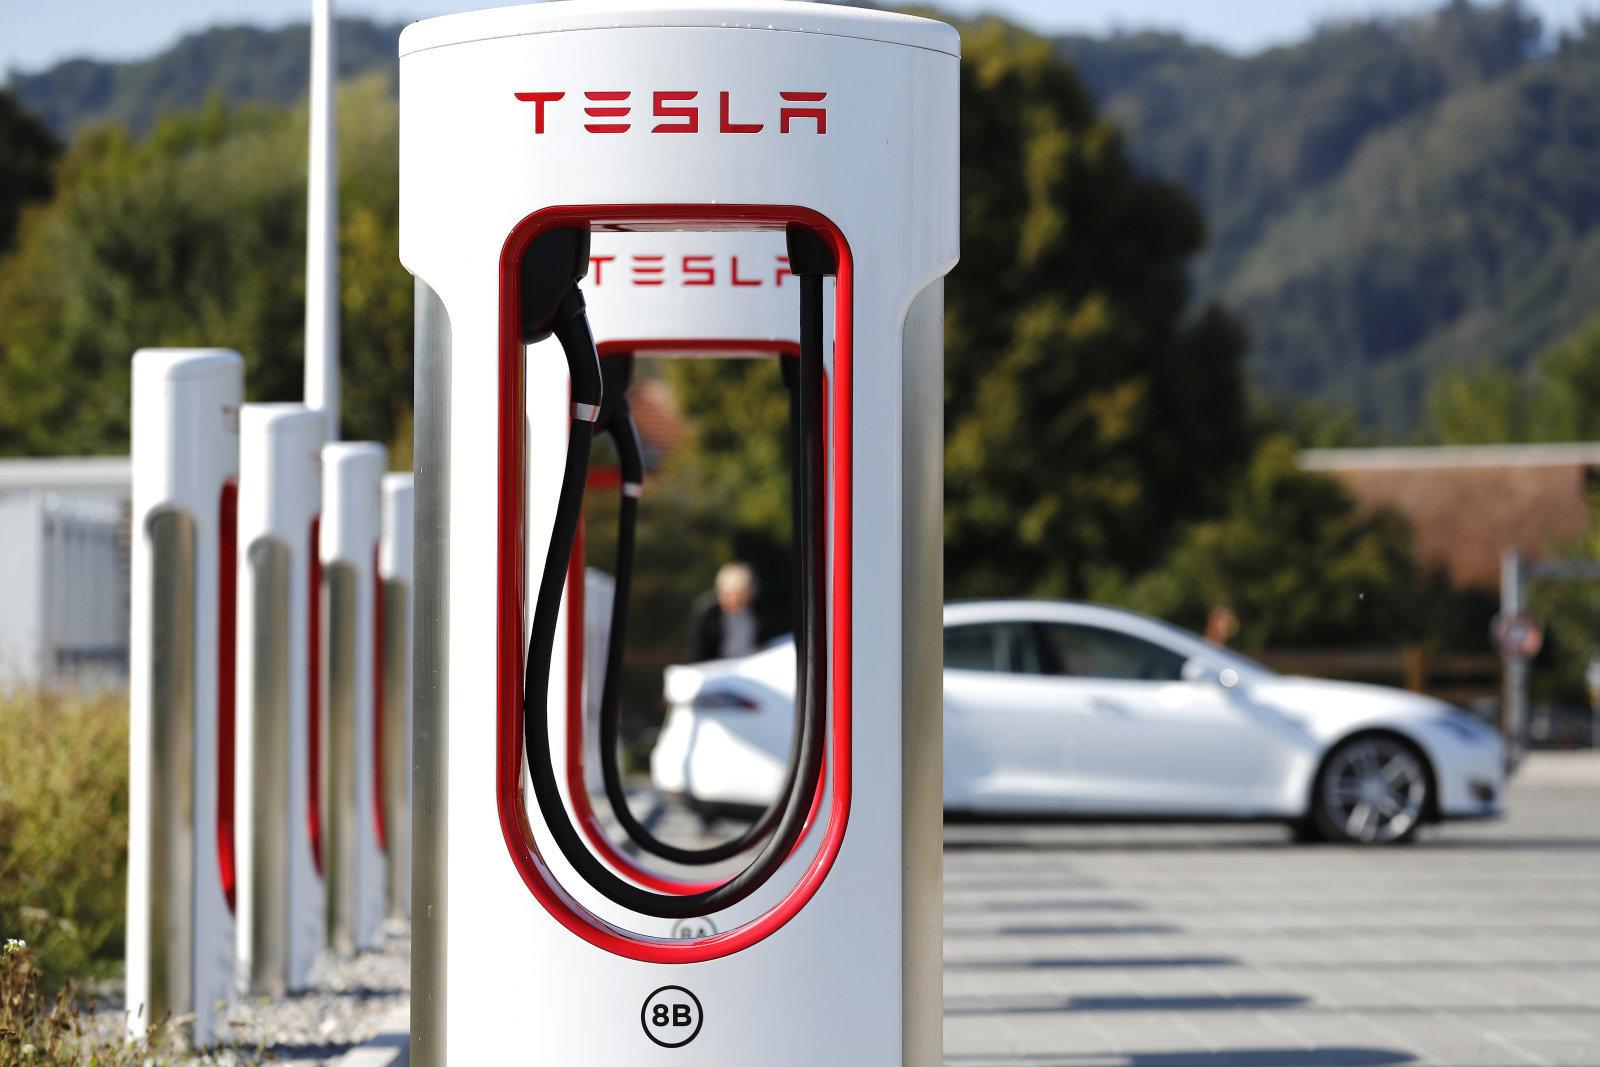 تسلا تخطط لإطلاق الجيل الثاني من Supercharger وتغطية أكبر للأسواق عام 2019